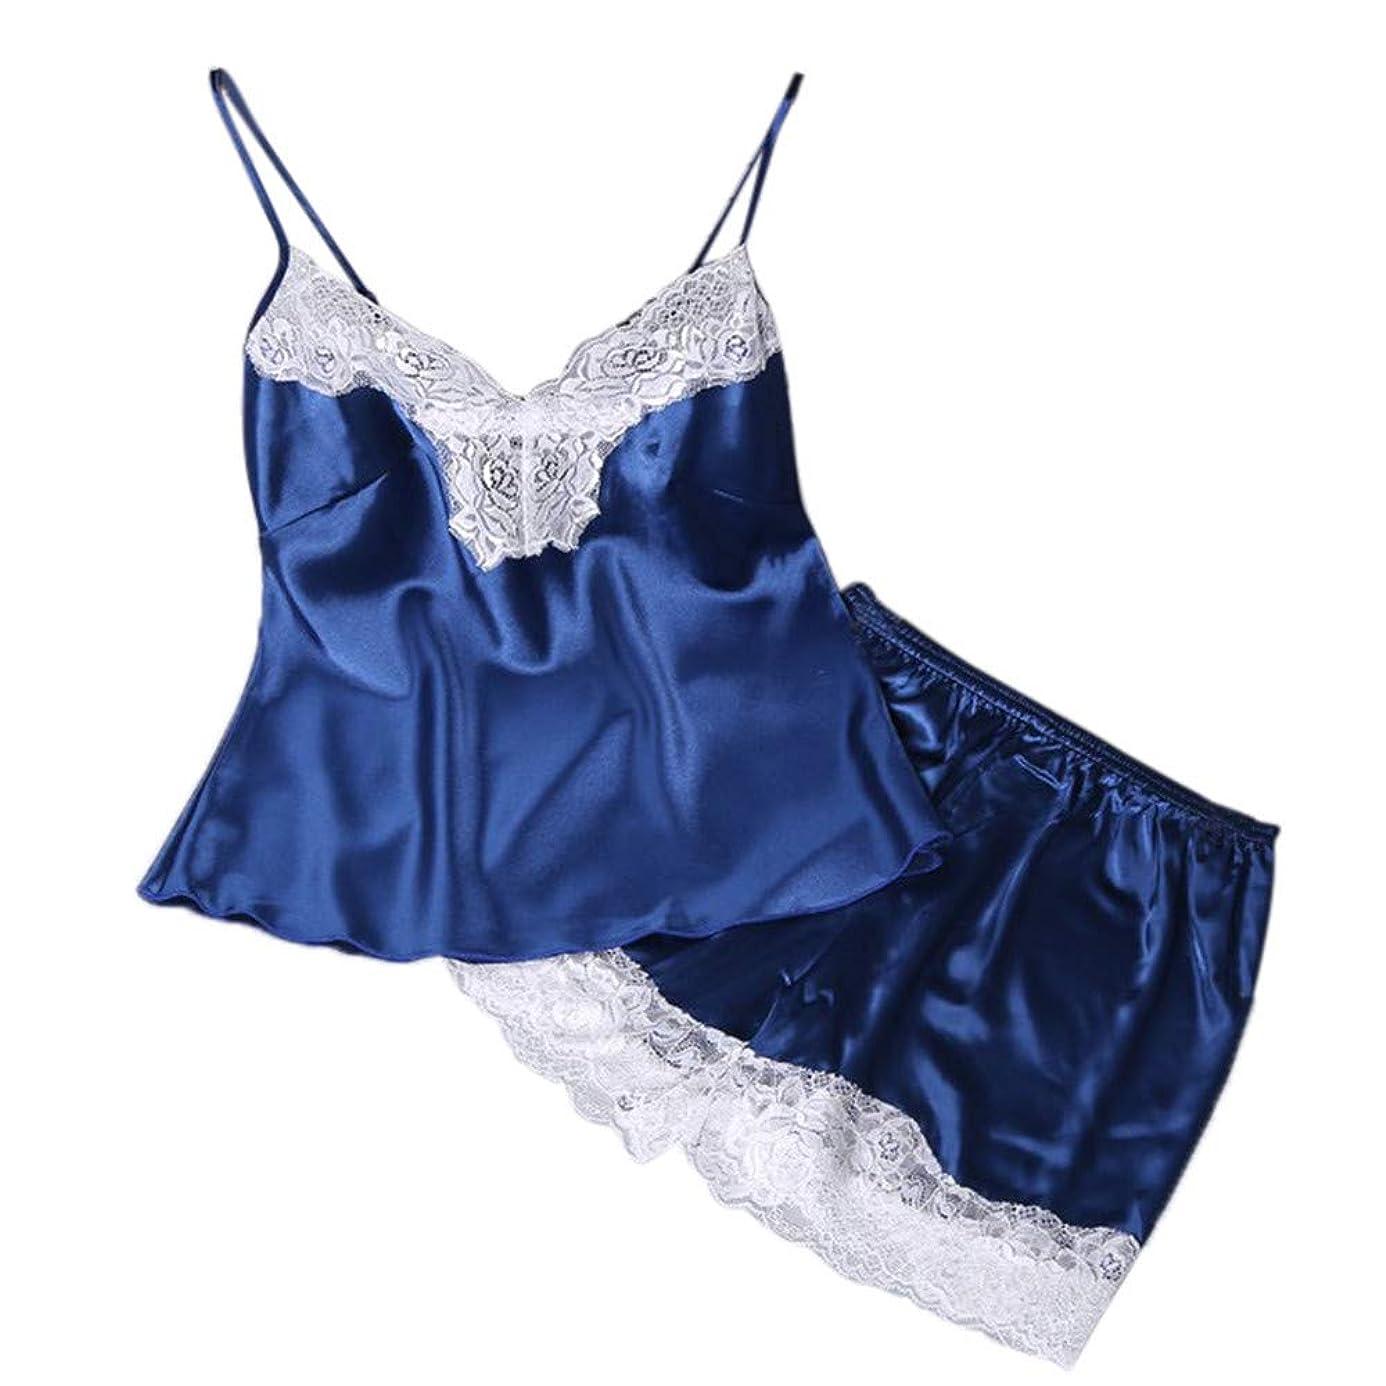 2PC Lingerie Women Babydoll Nightdress Chemise Nightgown Slip Lace Sling Sleepwear Underwear Set